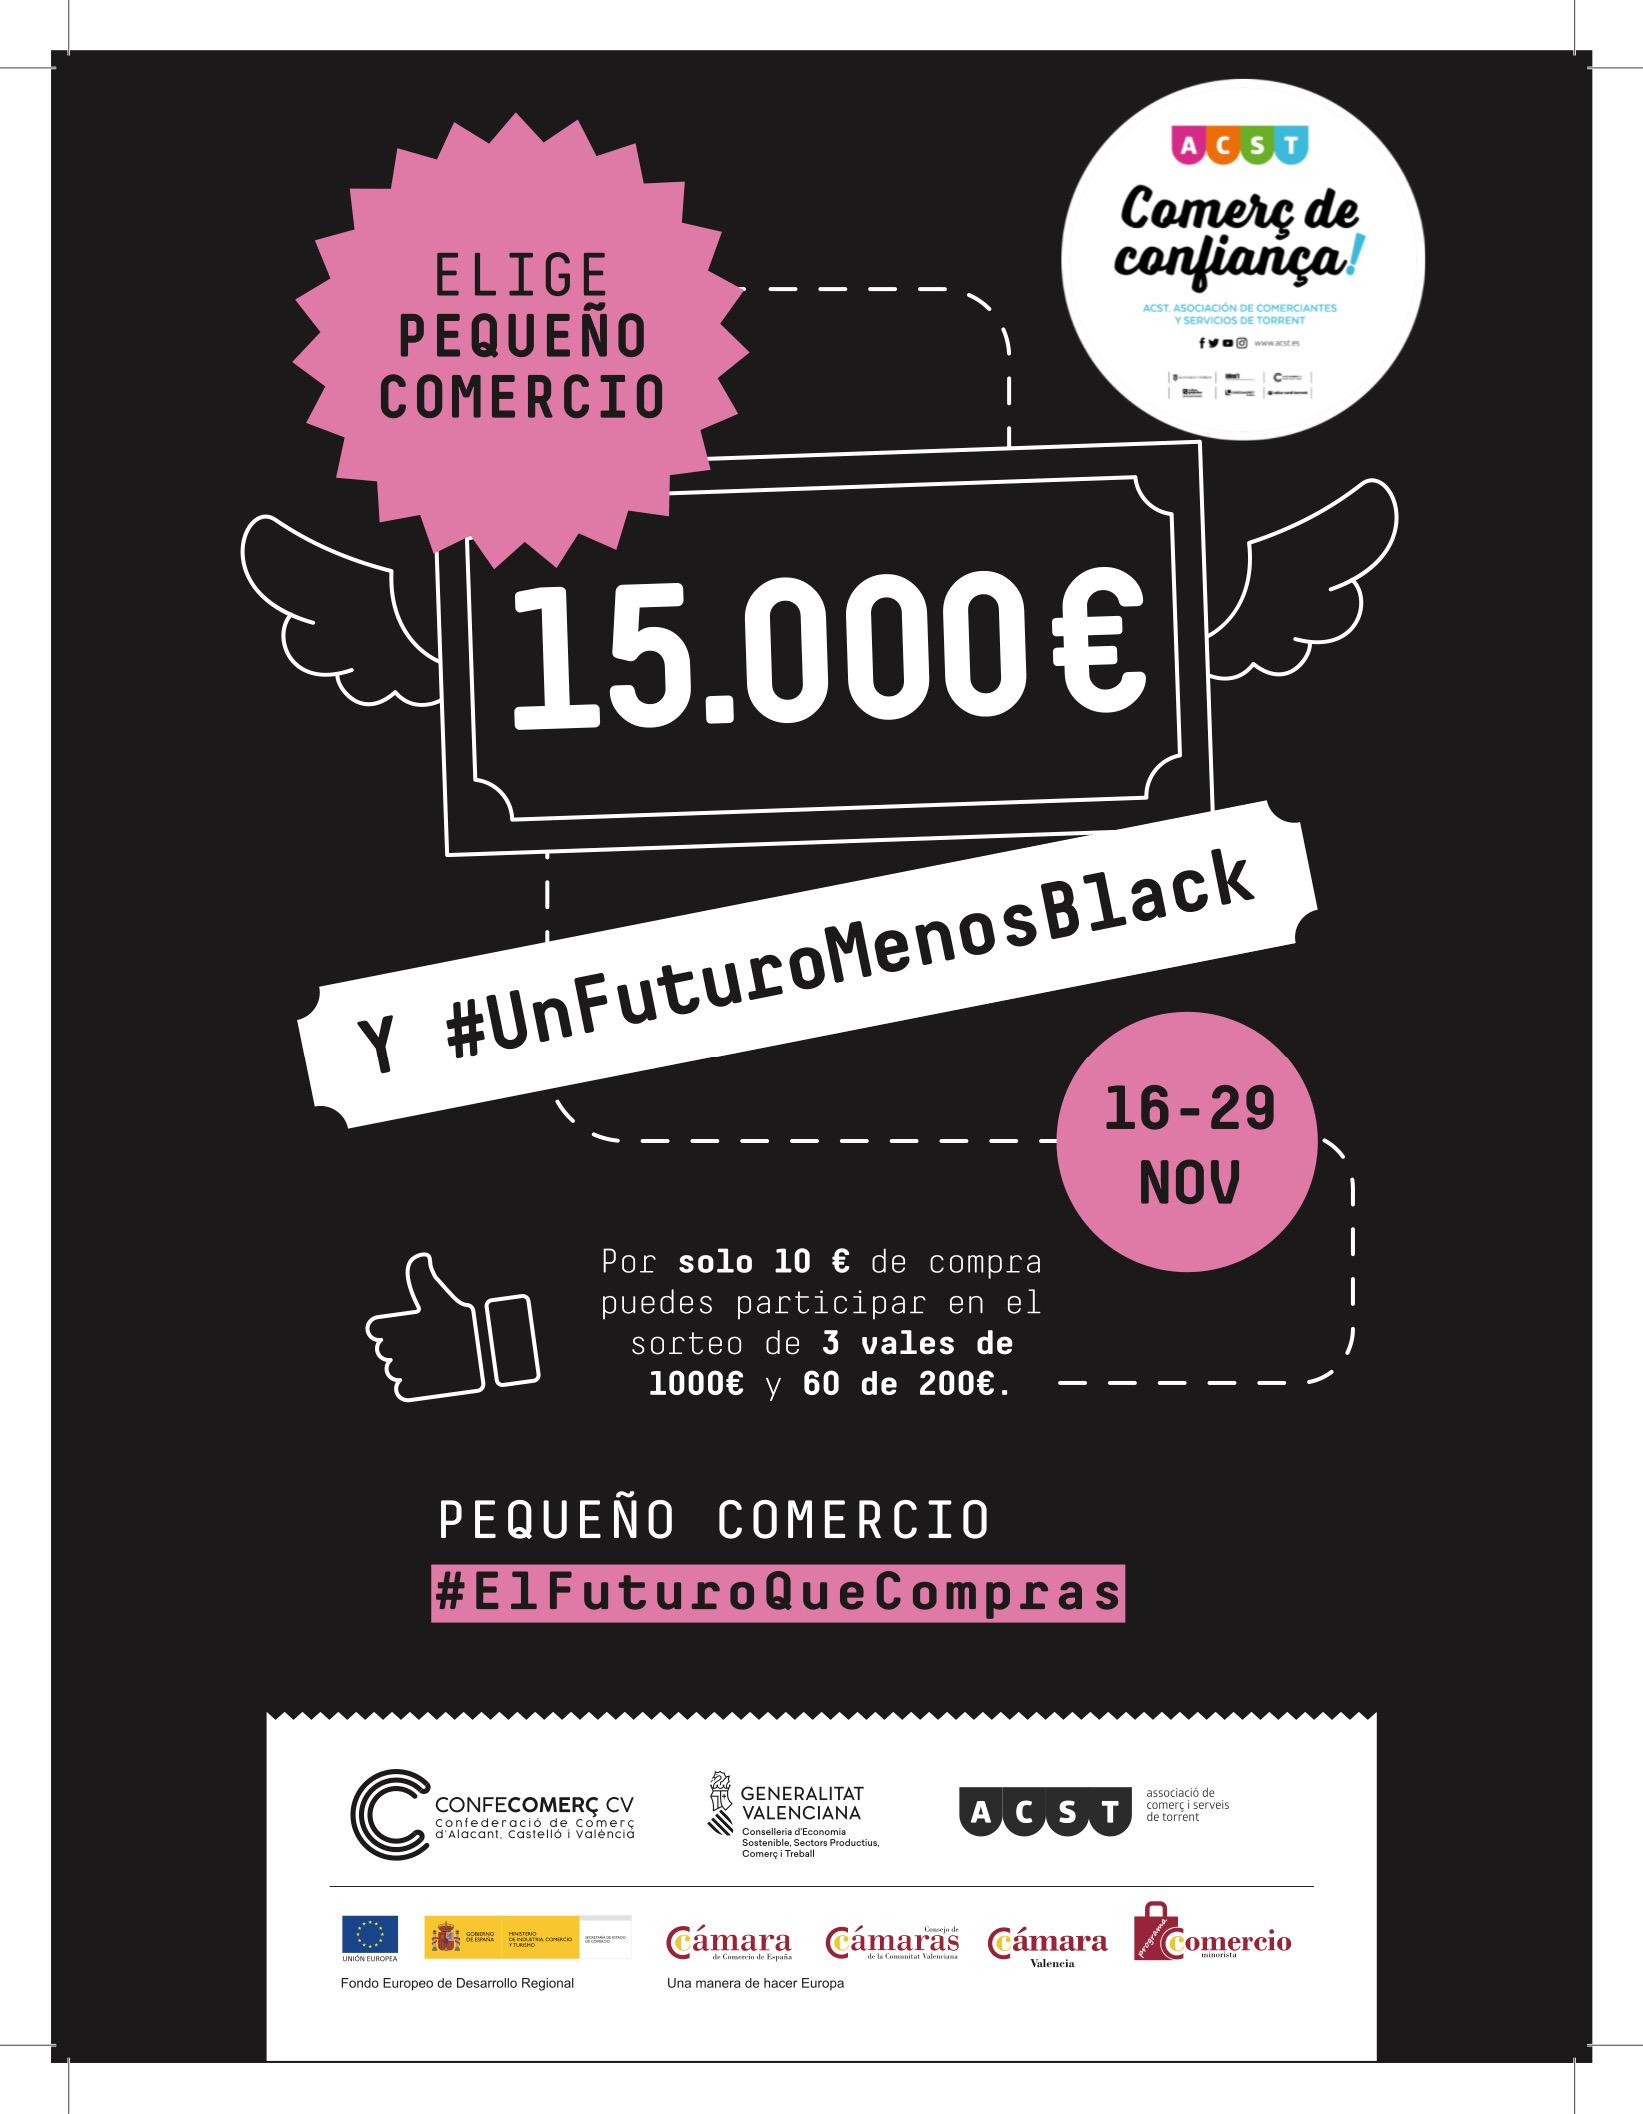 """ACST, CONFECOMERÇ Y CÁMARA DE COMERCIO LANZAN LA CAMPAÑA DE BLACK FRIDAY """"UN FUTURO MENOS BLACK"""" CON PREMIO PARA LOS QUE COMPREN EN EL #COMERCIODETORRENT !!!"""